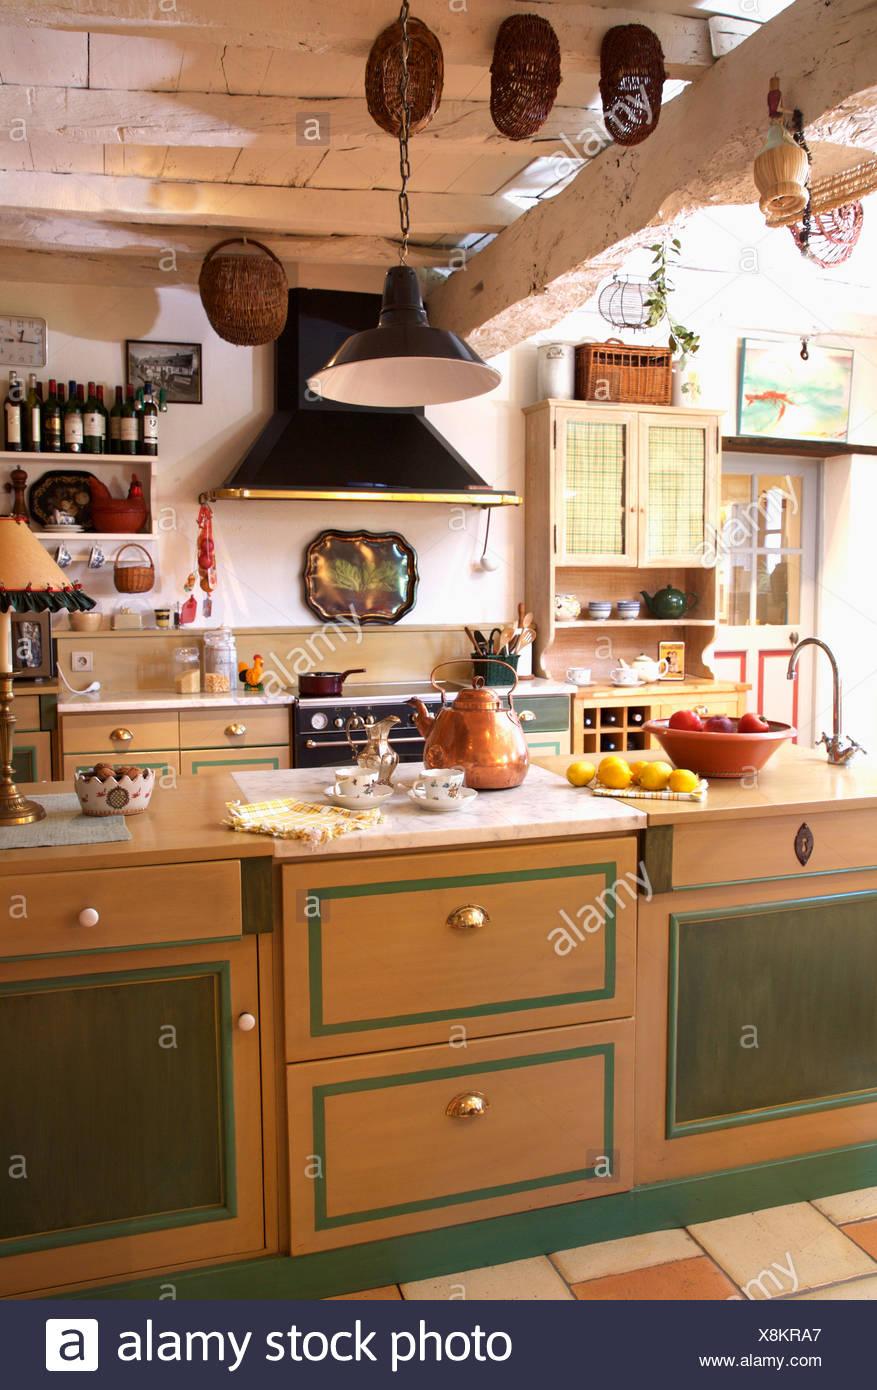 Excelente Luces De La Cocina Colgante Uk Island Patrón - Ideas de ...